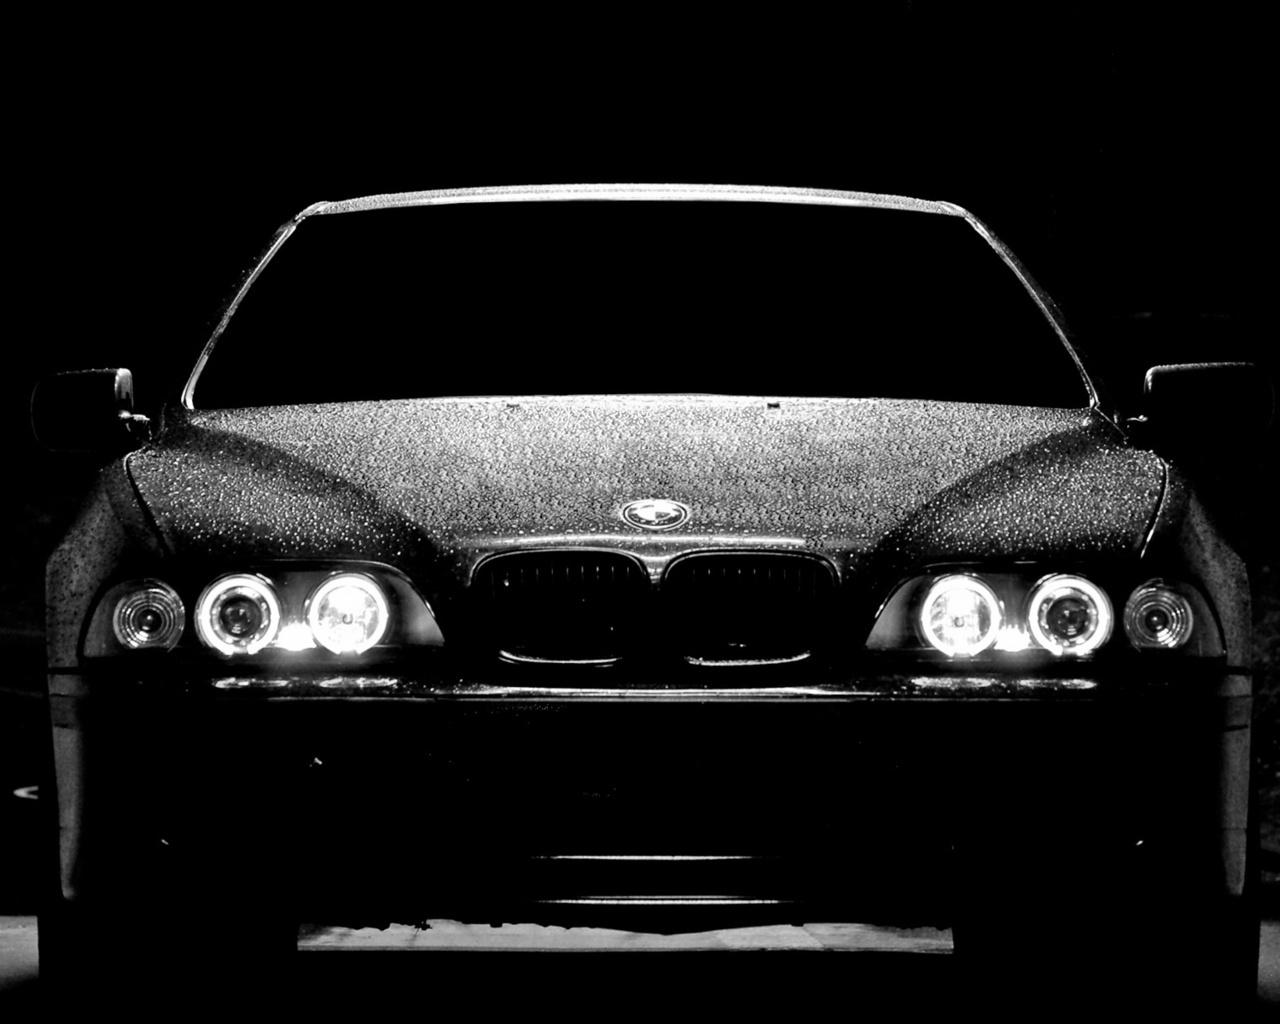 20498 скачать обои Транспорт, Машины, Бмв (Bmw) - заставки и картинки бесплатно